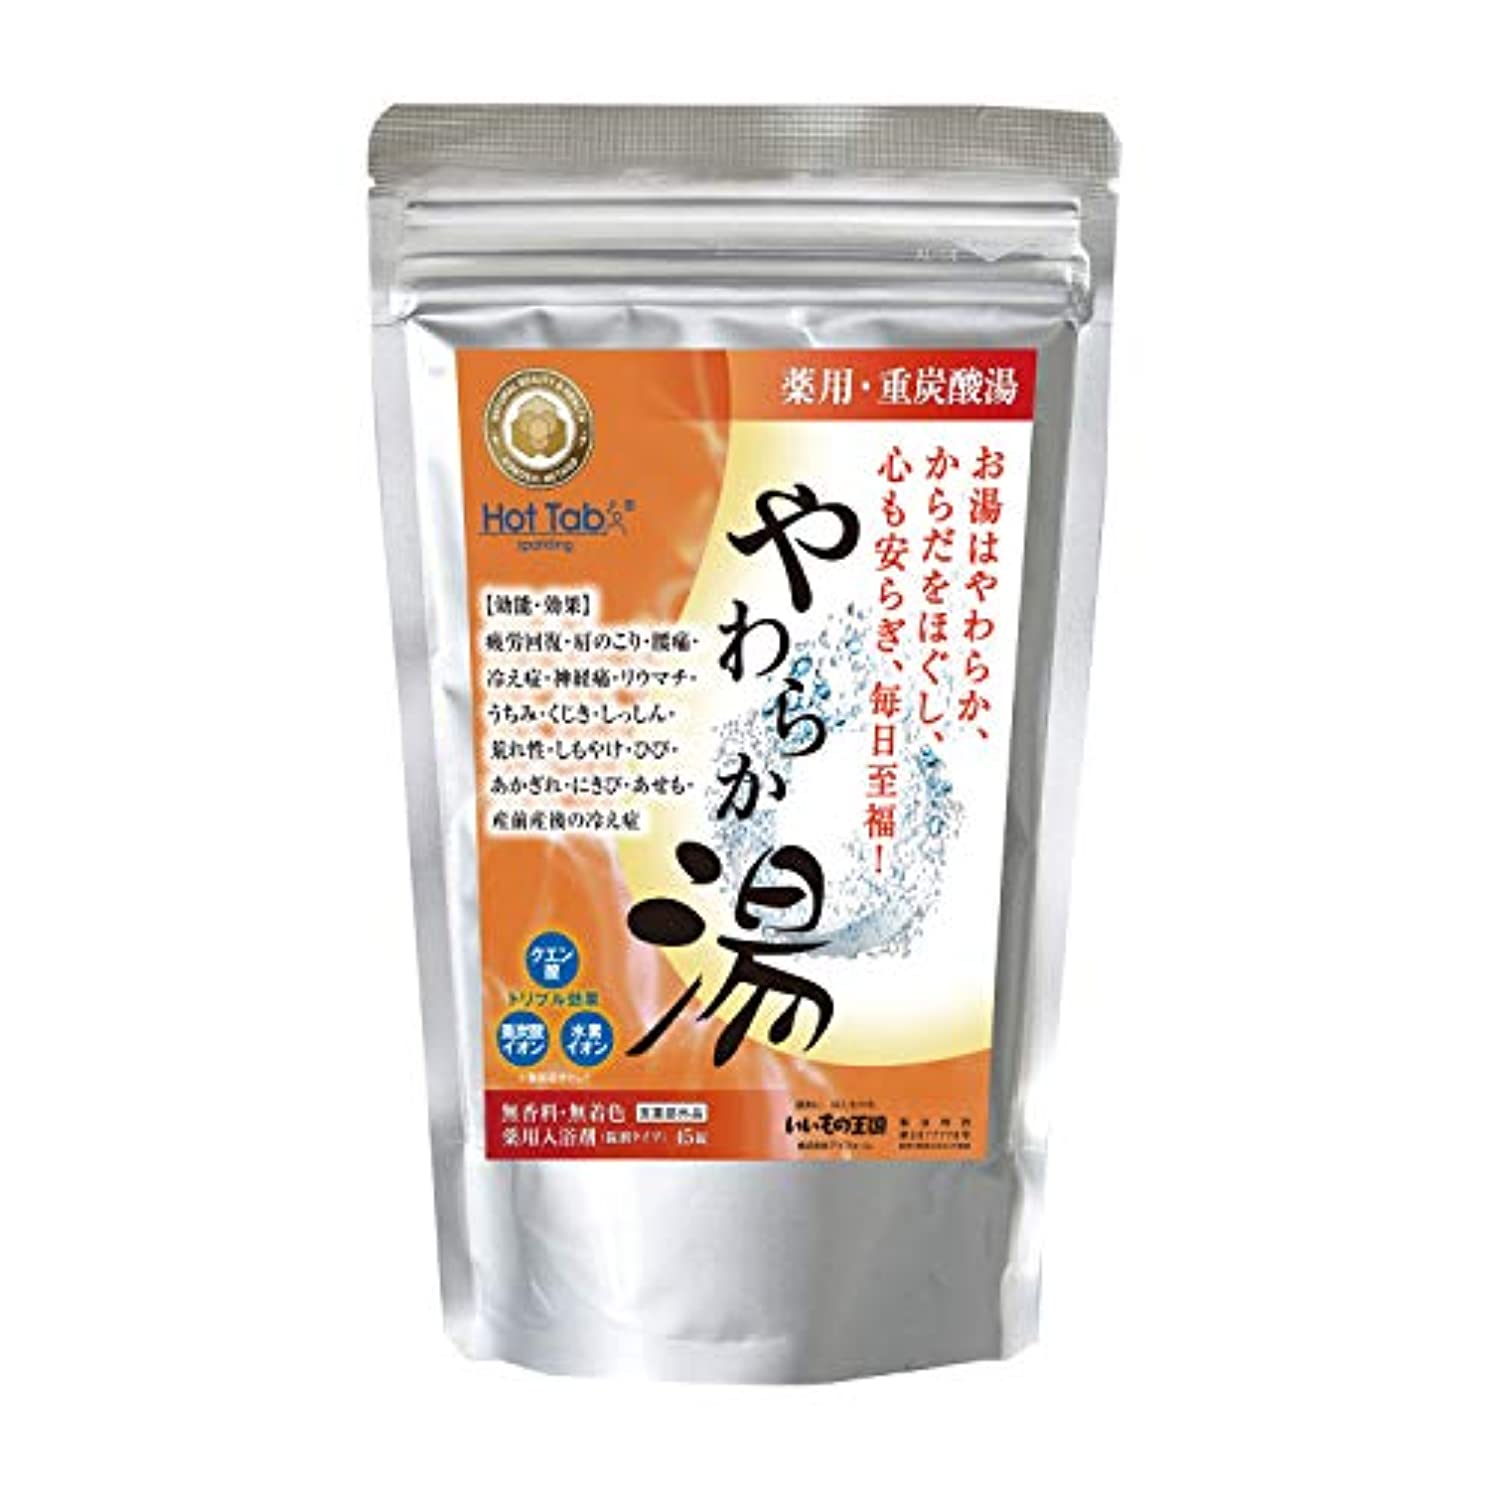 レジデンス枝特権的薬用ホットタブ重炭酸湯 やわらか湯【45錠入】